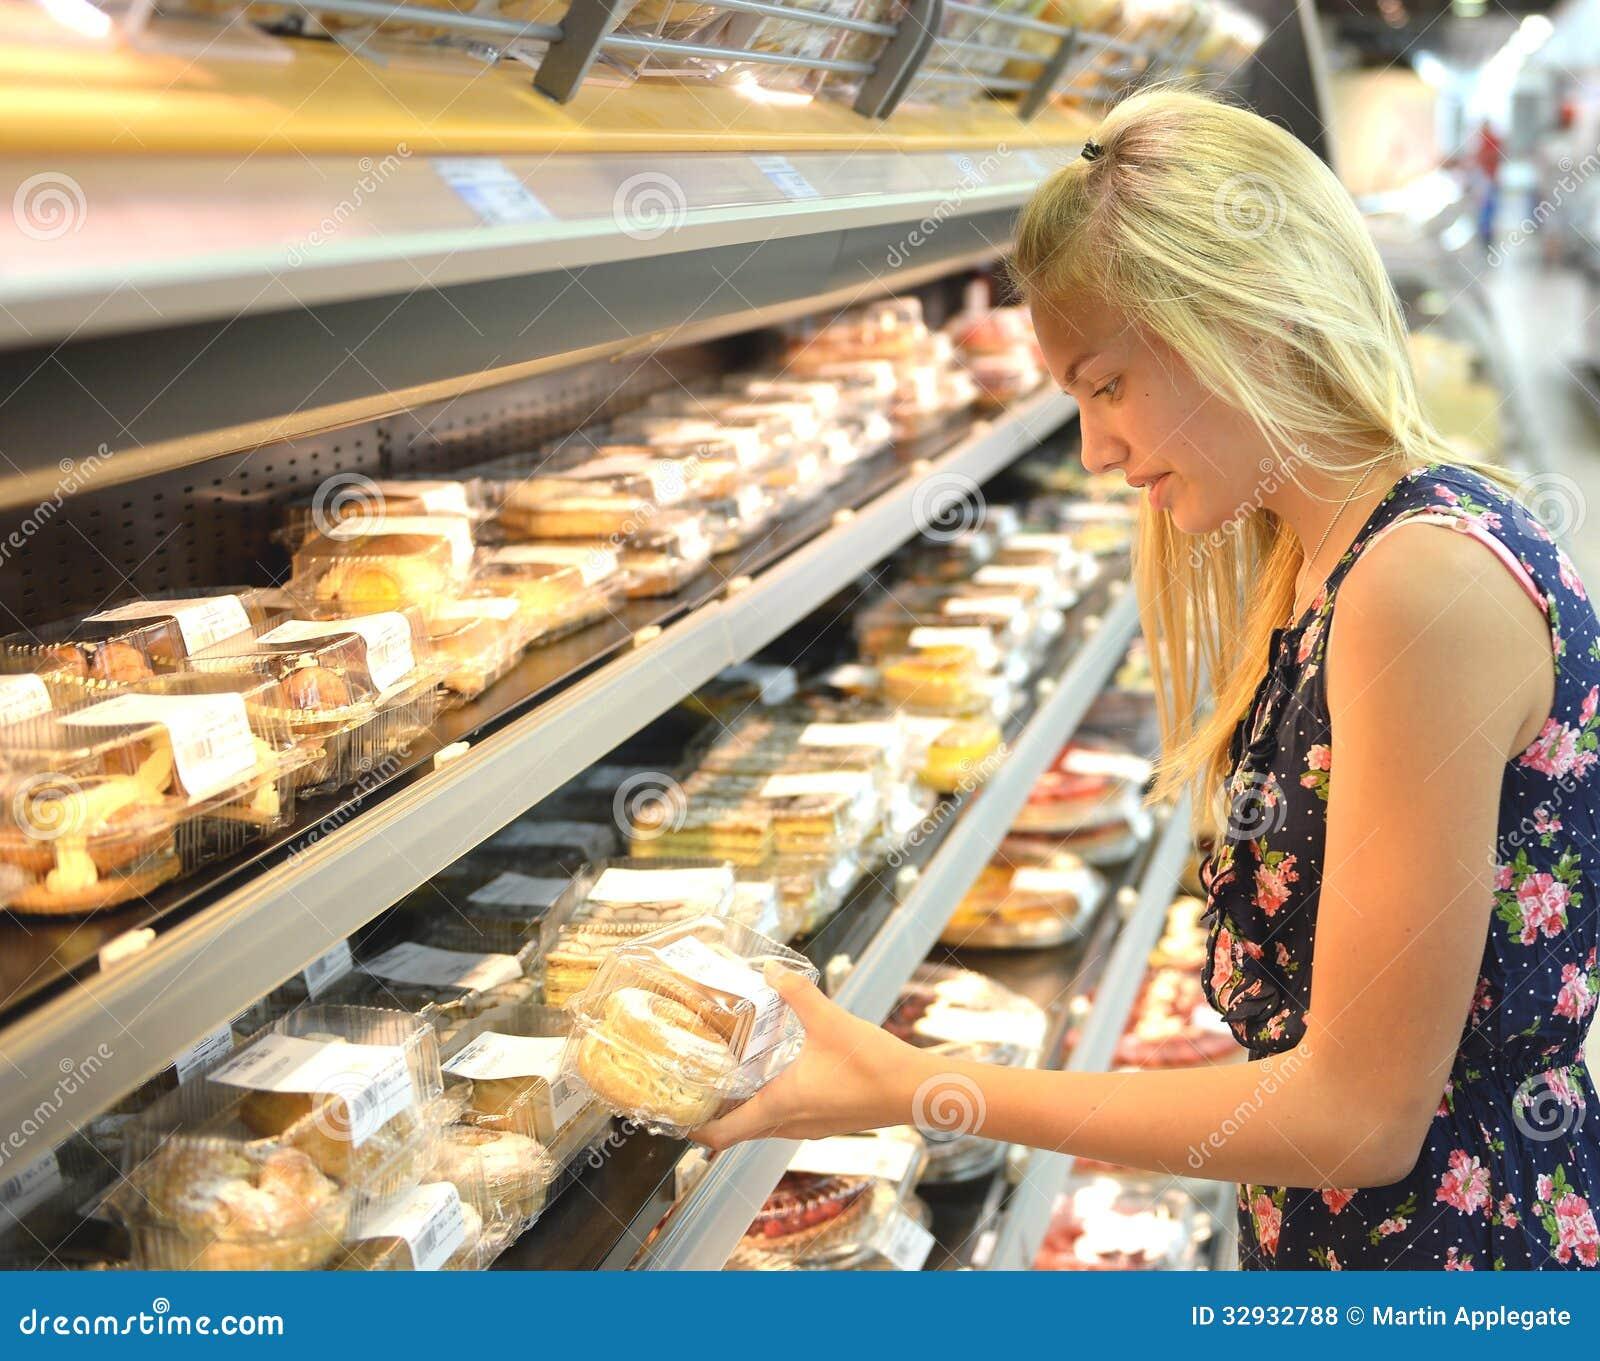 Supermarket Cake With Image